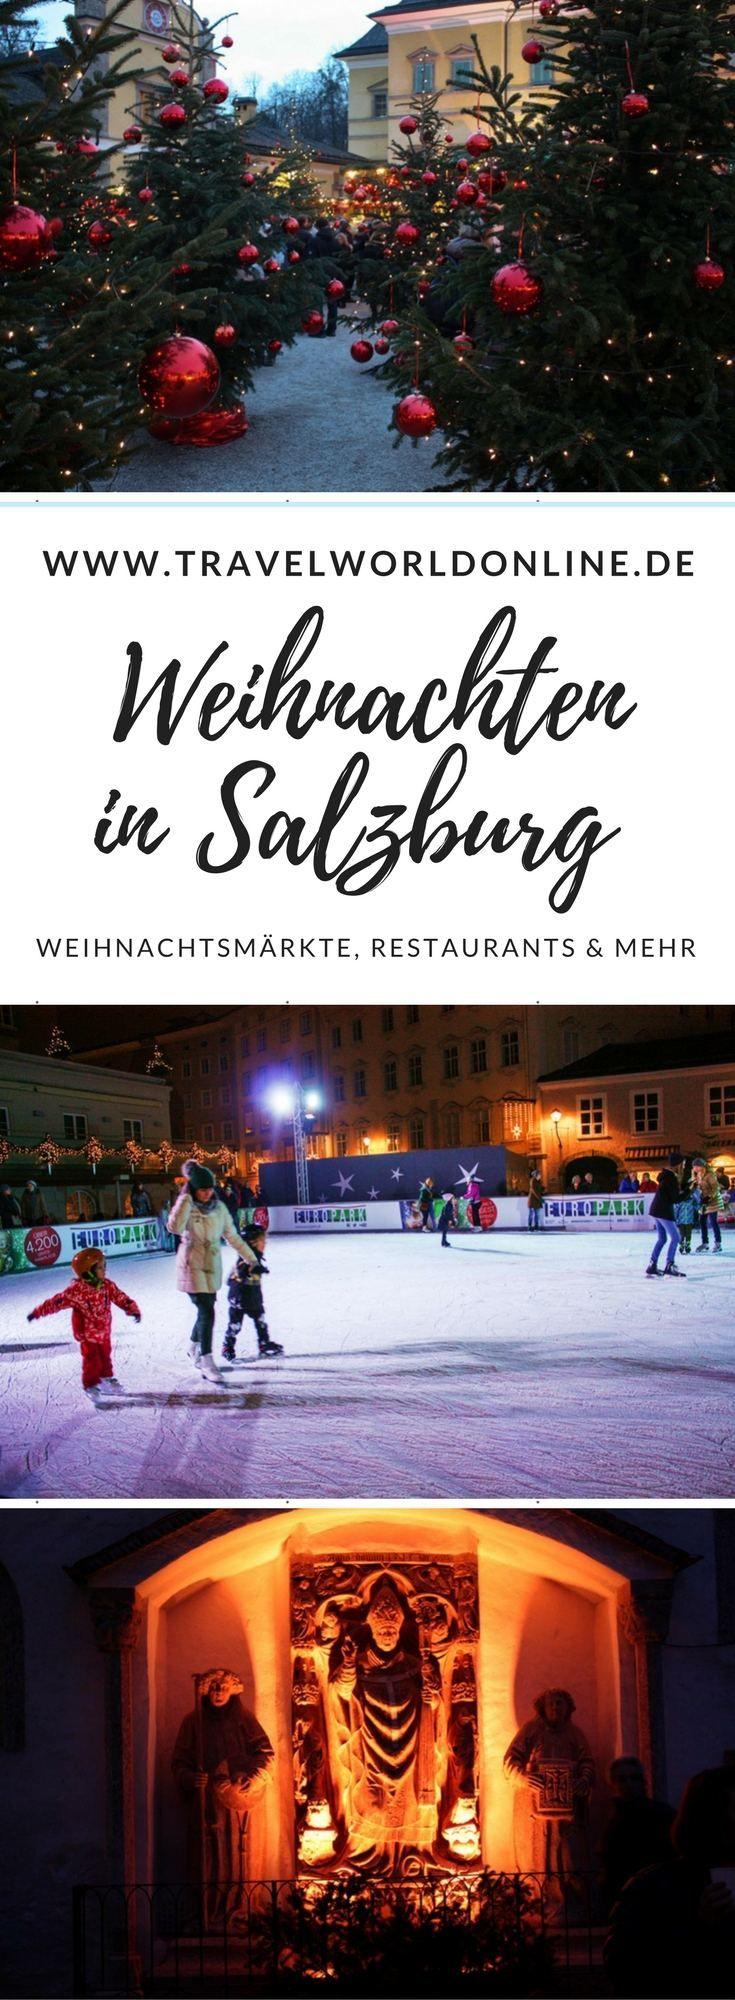 Weihnachten wien 2014 restaurant